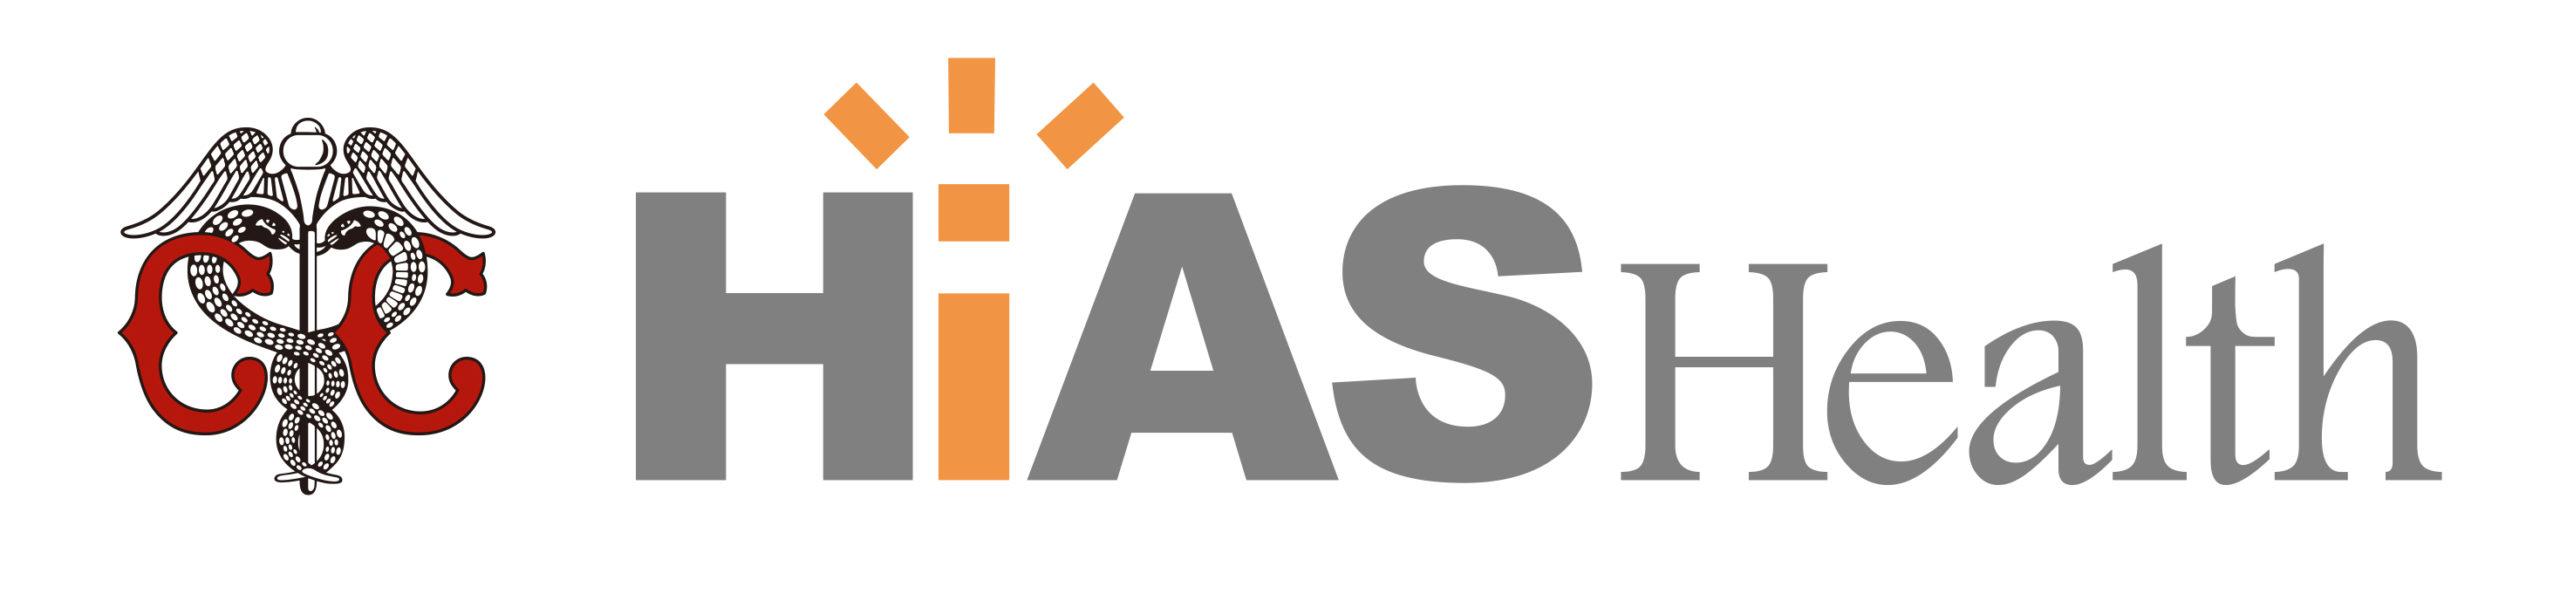 フォームのロゴ